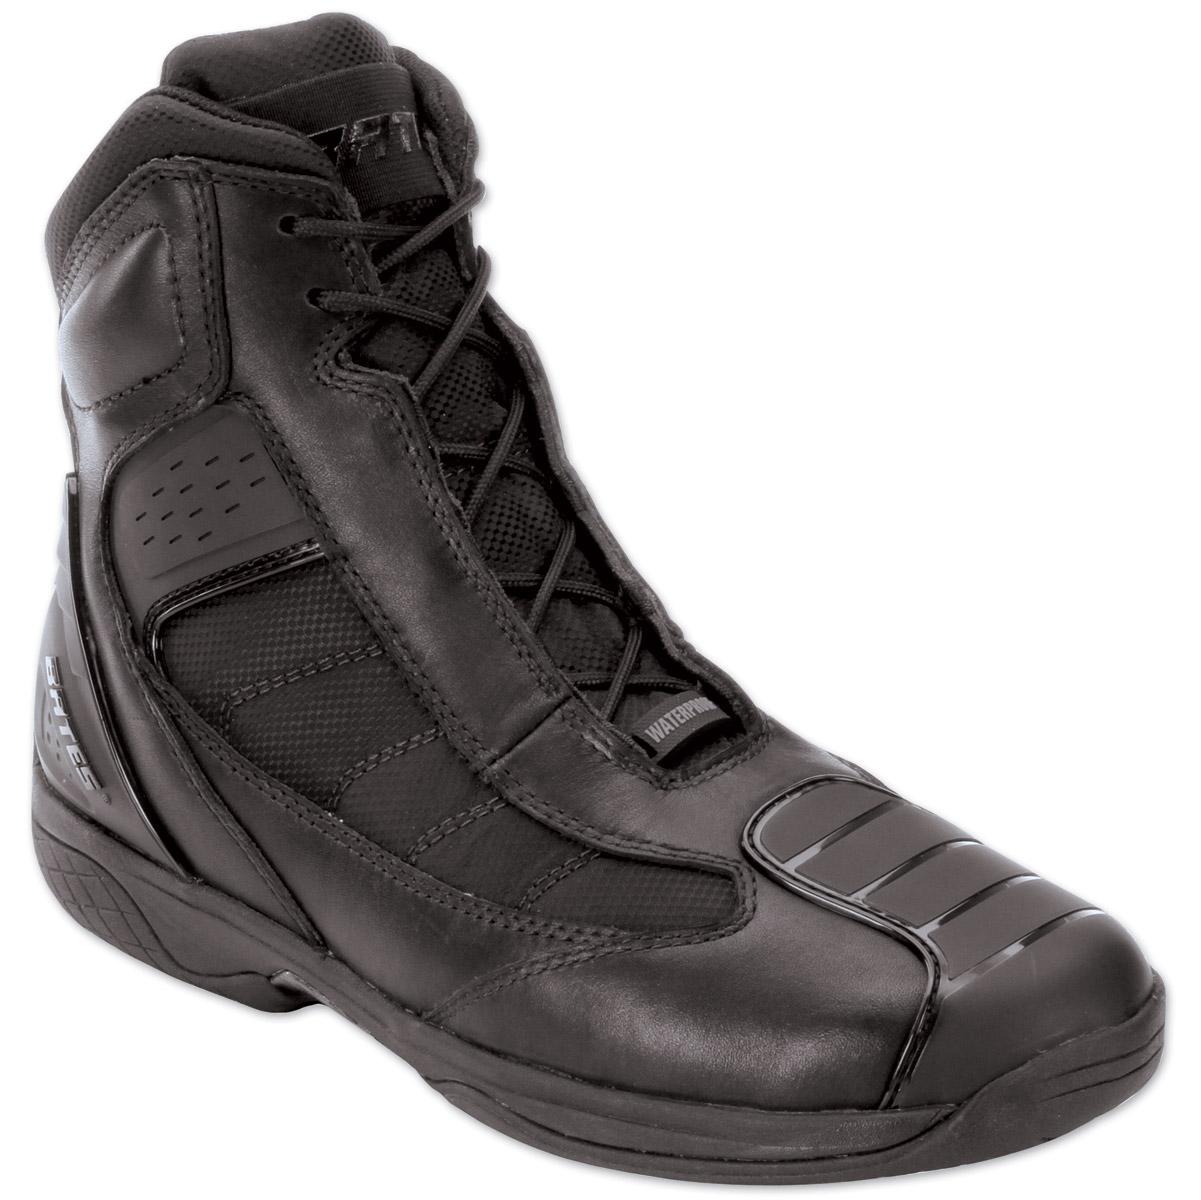 Bates Men's Beltline Black Leather Boots